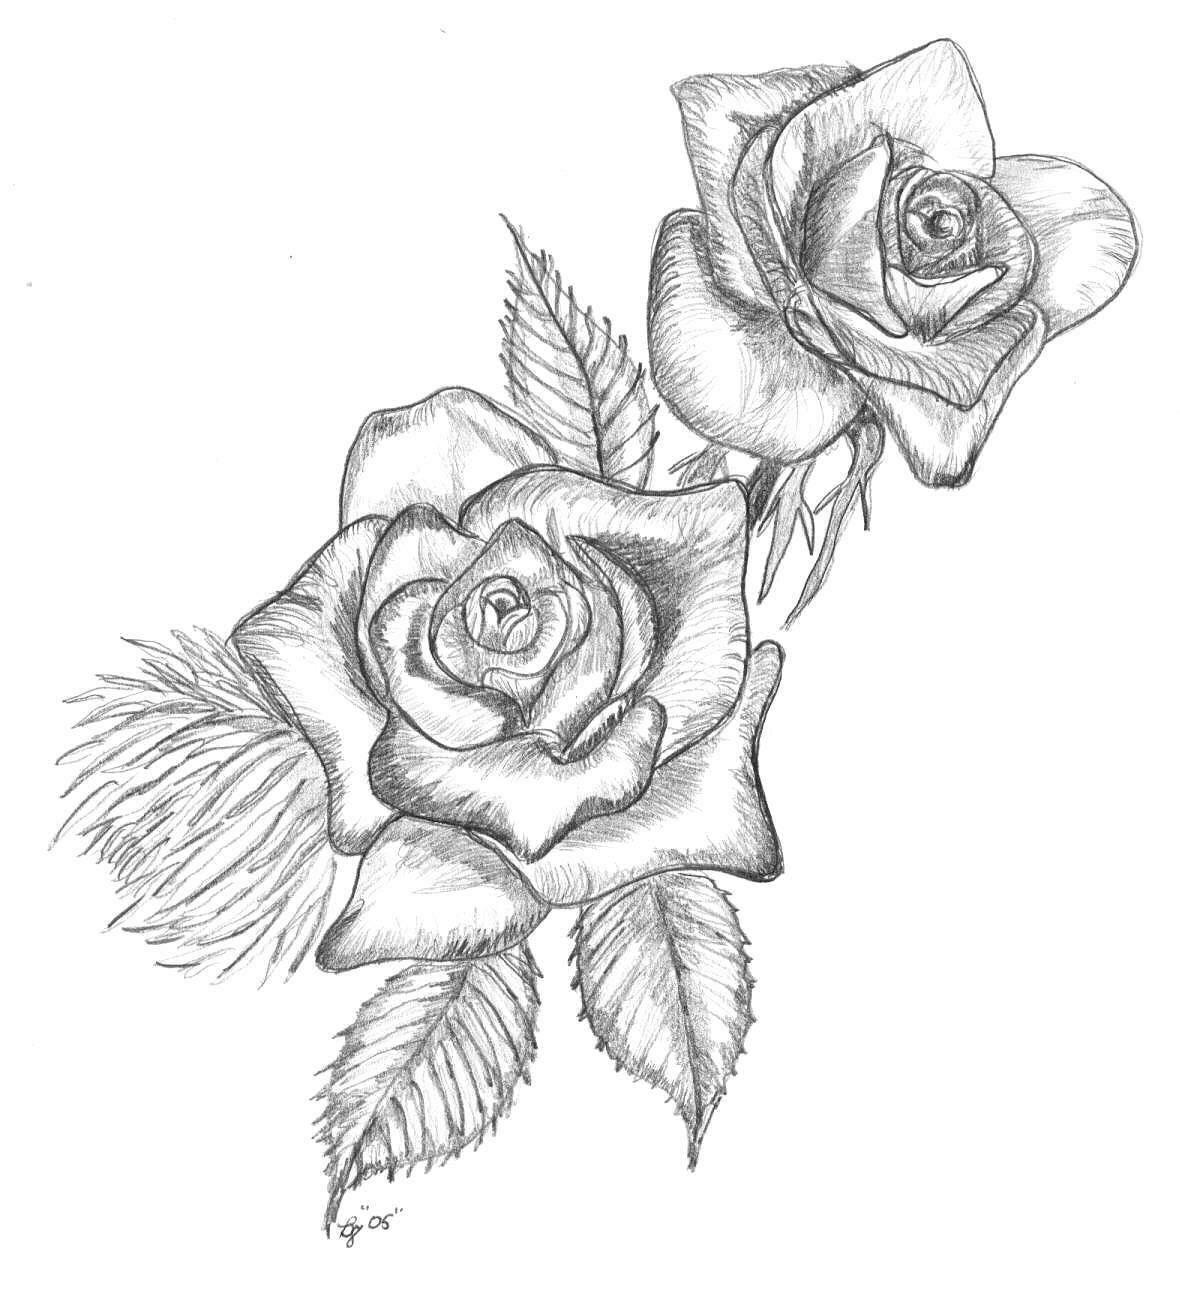 Картинки для срисовки очень легкие и красивые розы, картинки день рождения